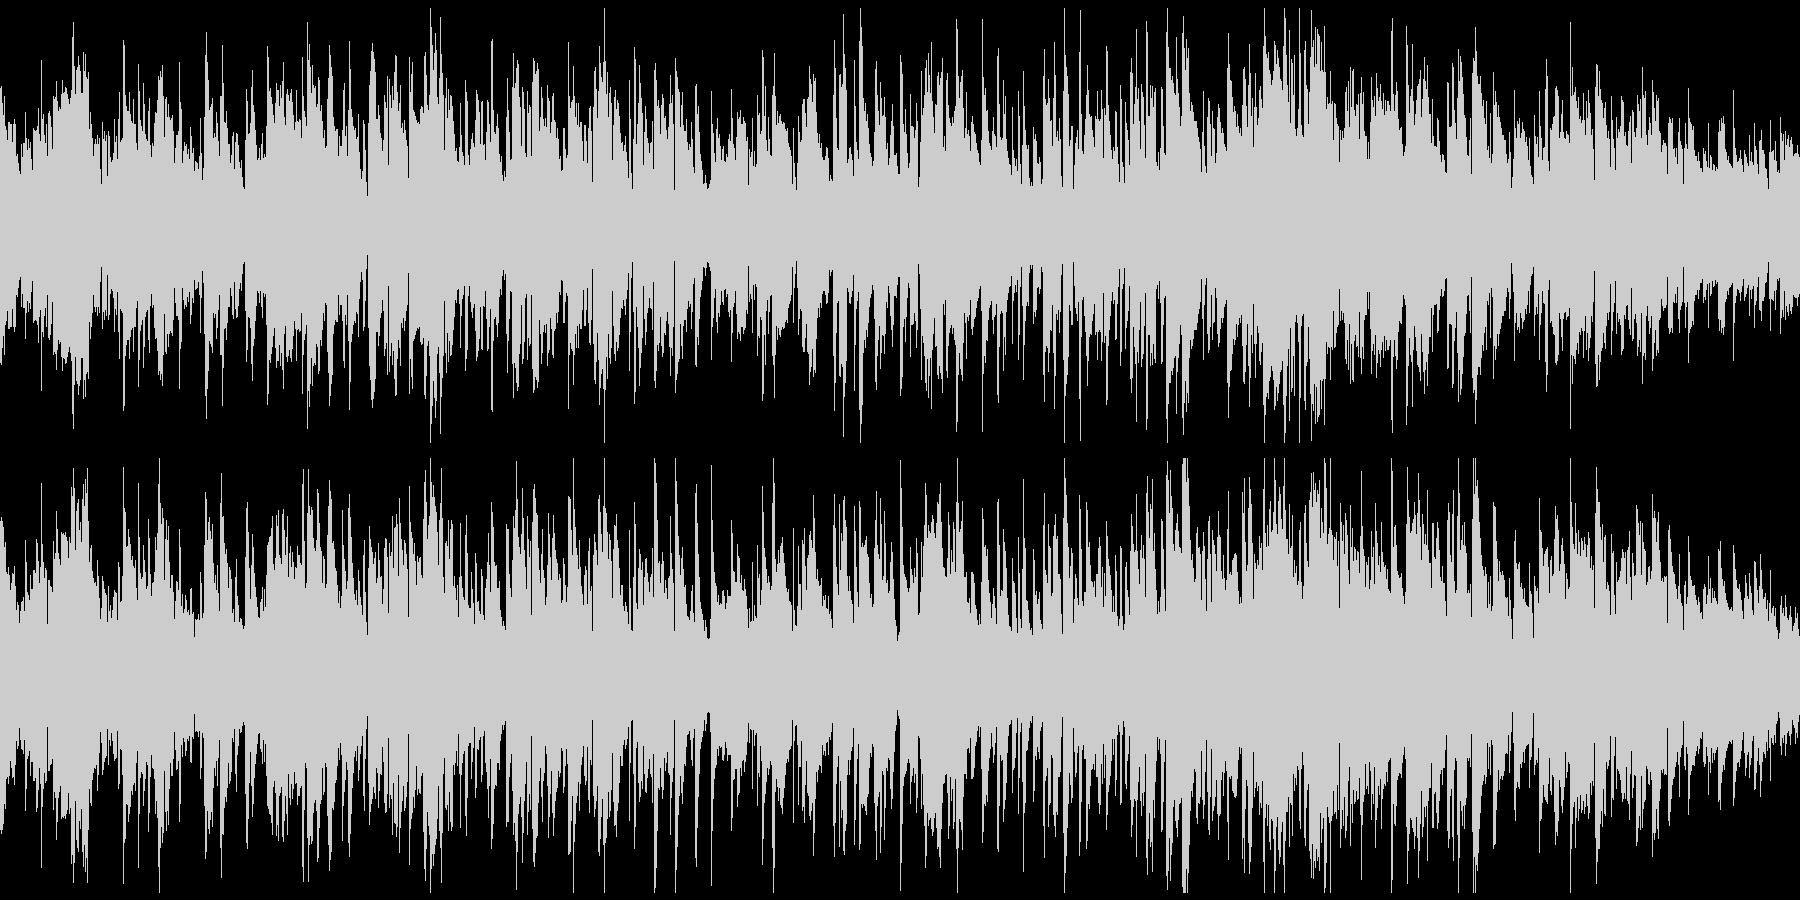 サックス生演奏のボサノバジャズ※ループ版の未再生の波形